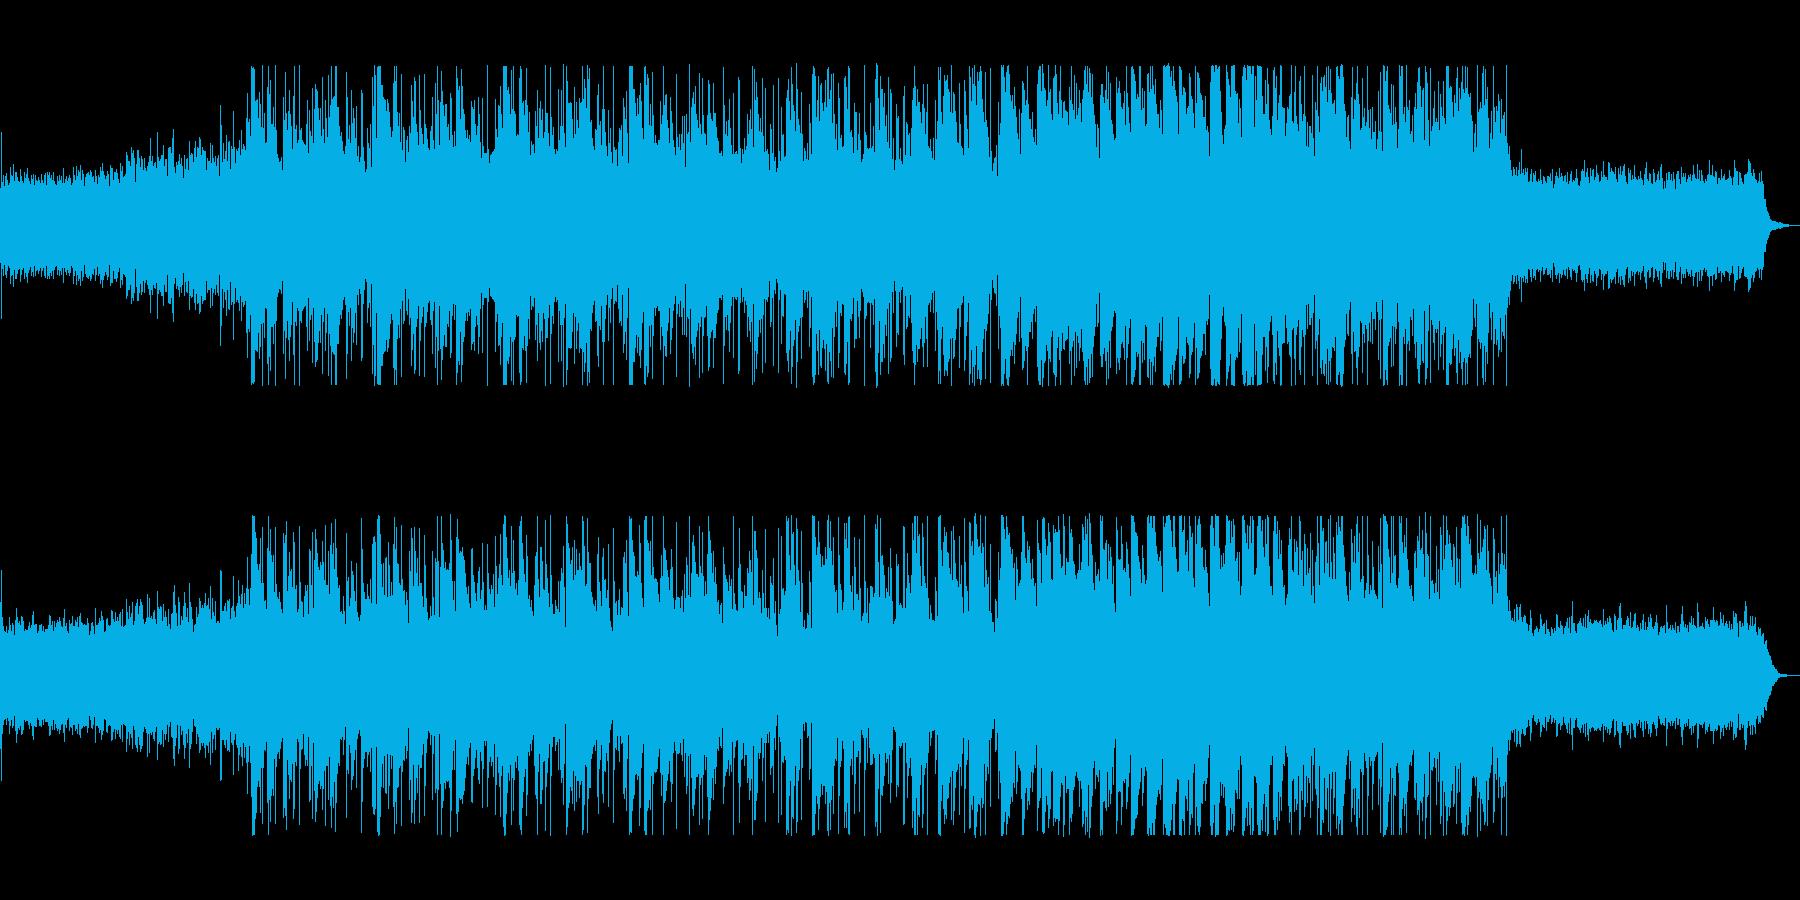 落ち着くゆったりとしたシンセサイザー曲の再生済みの波形